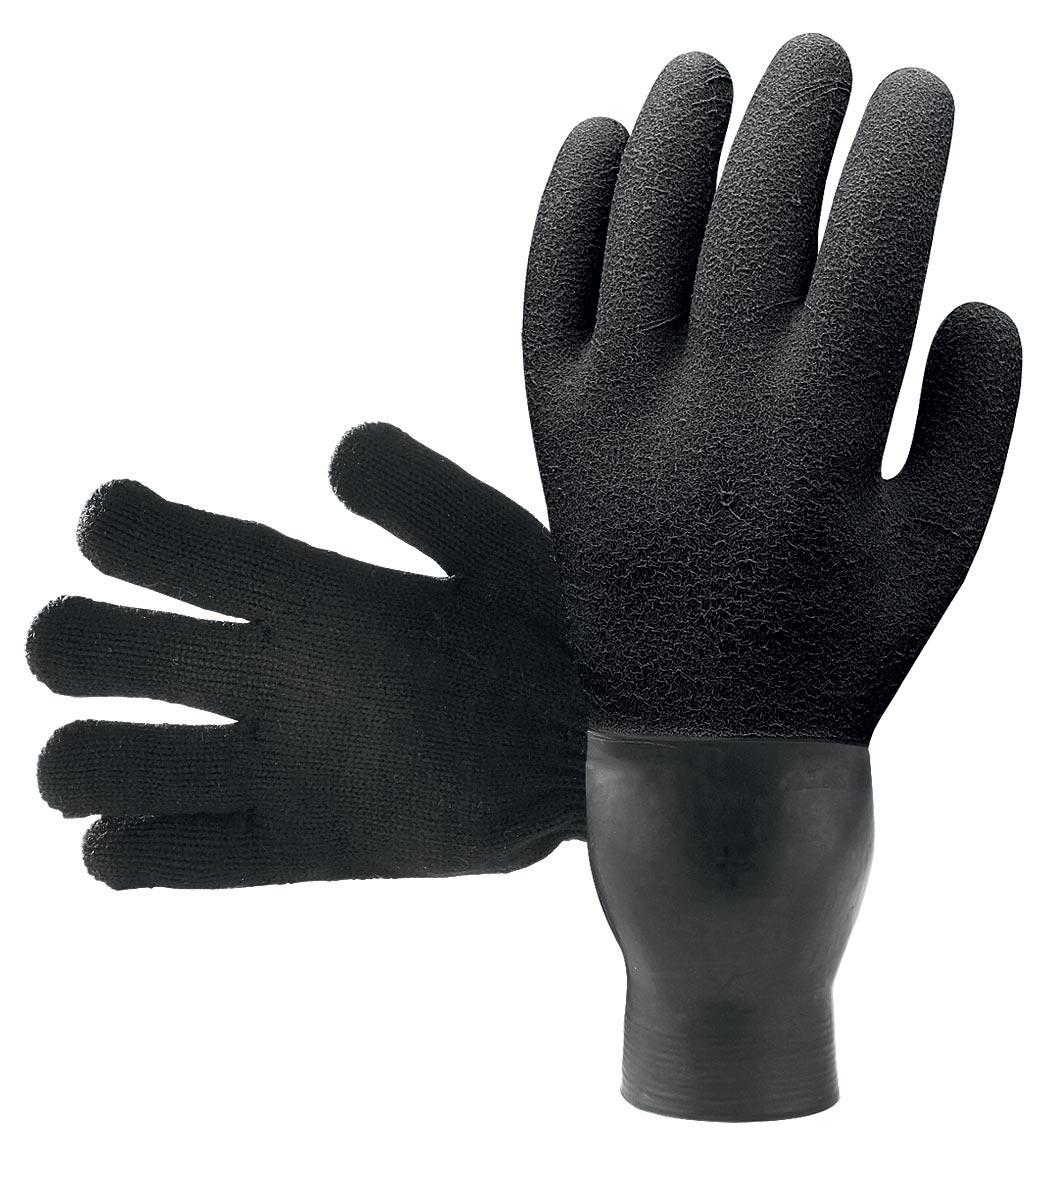 Сухи водолазни ръкавици EASY DRY PRO - Scubapro